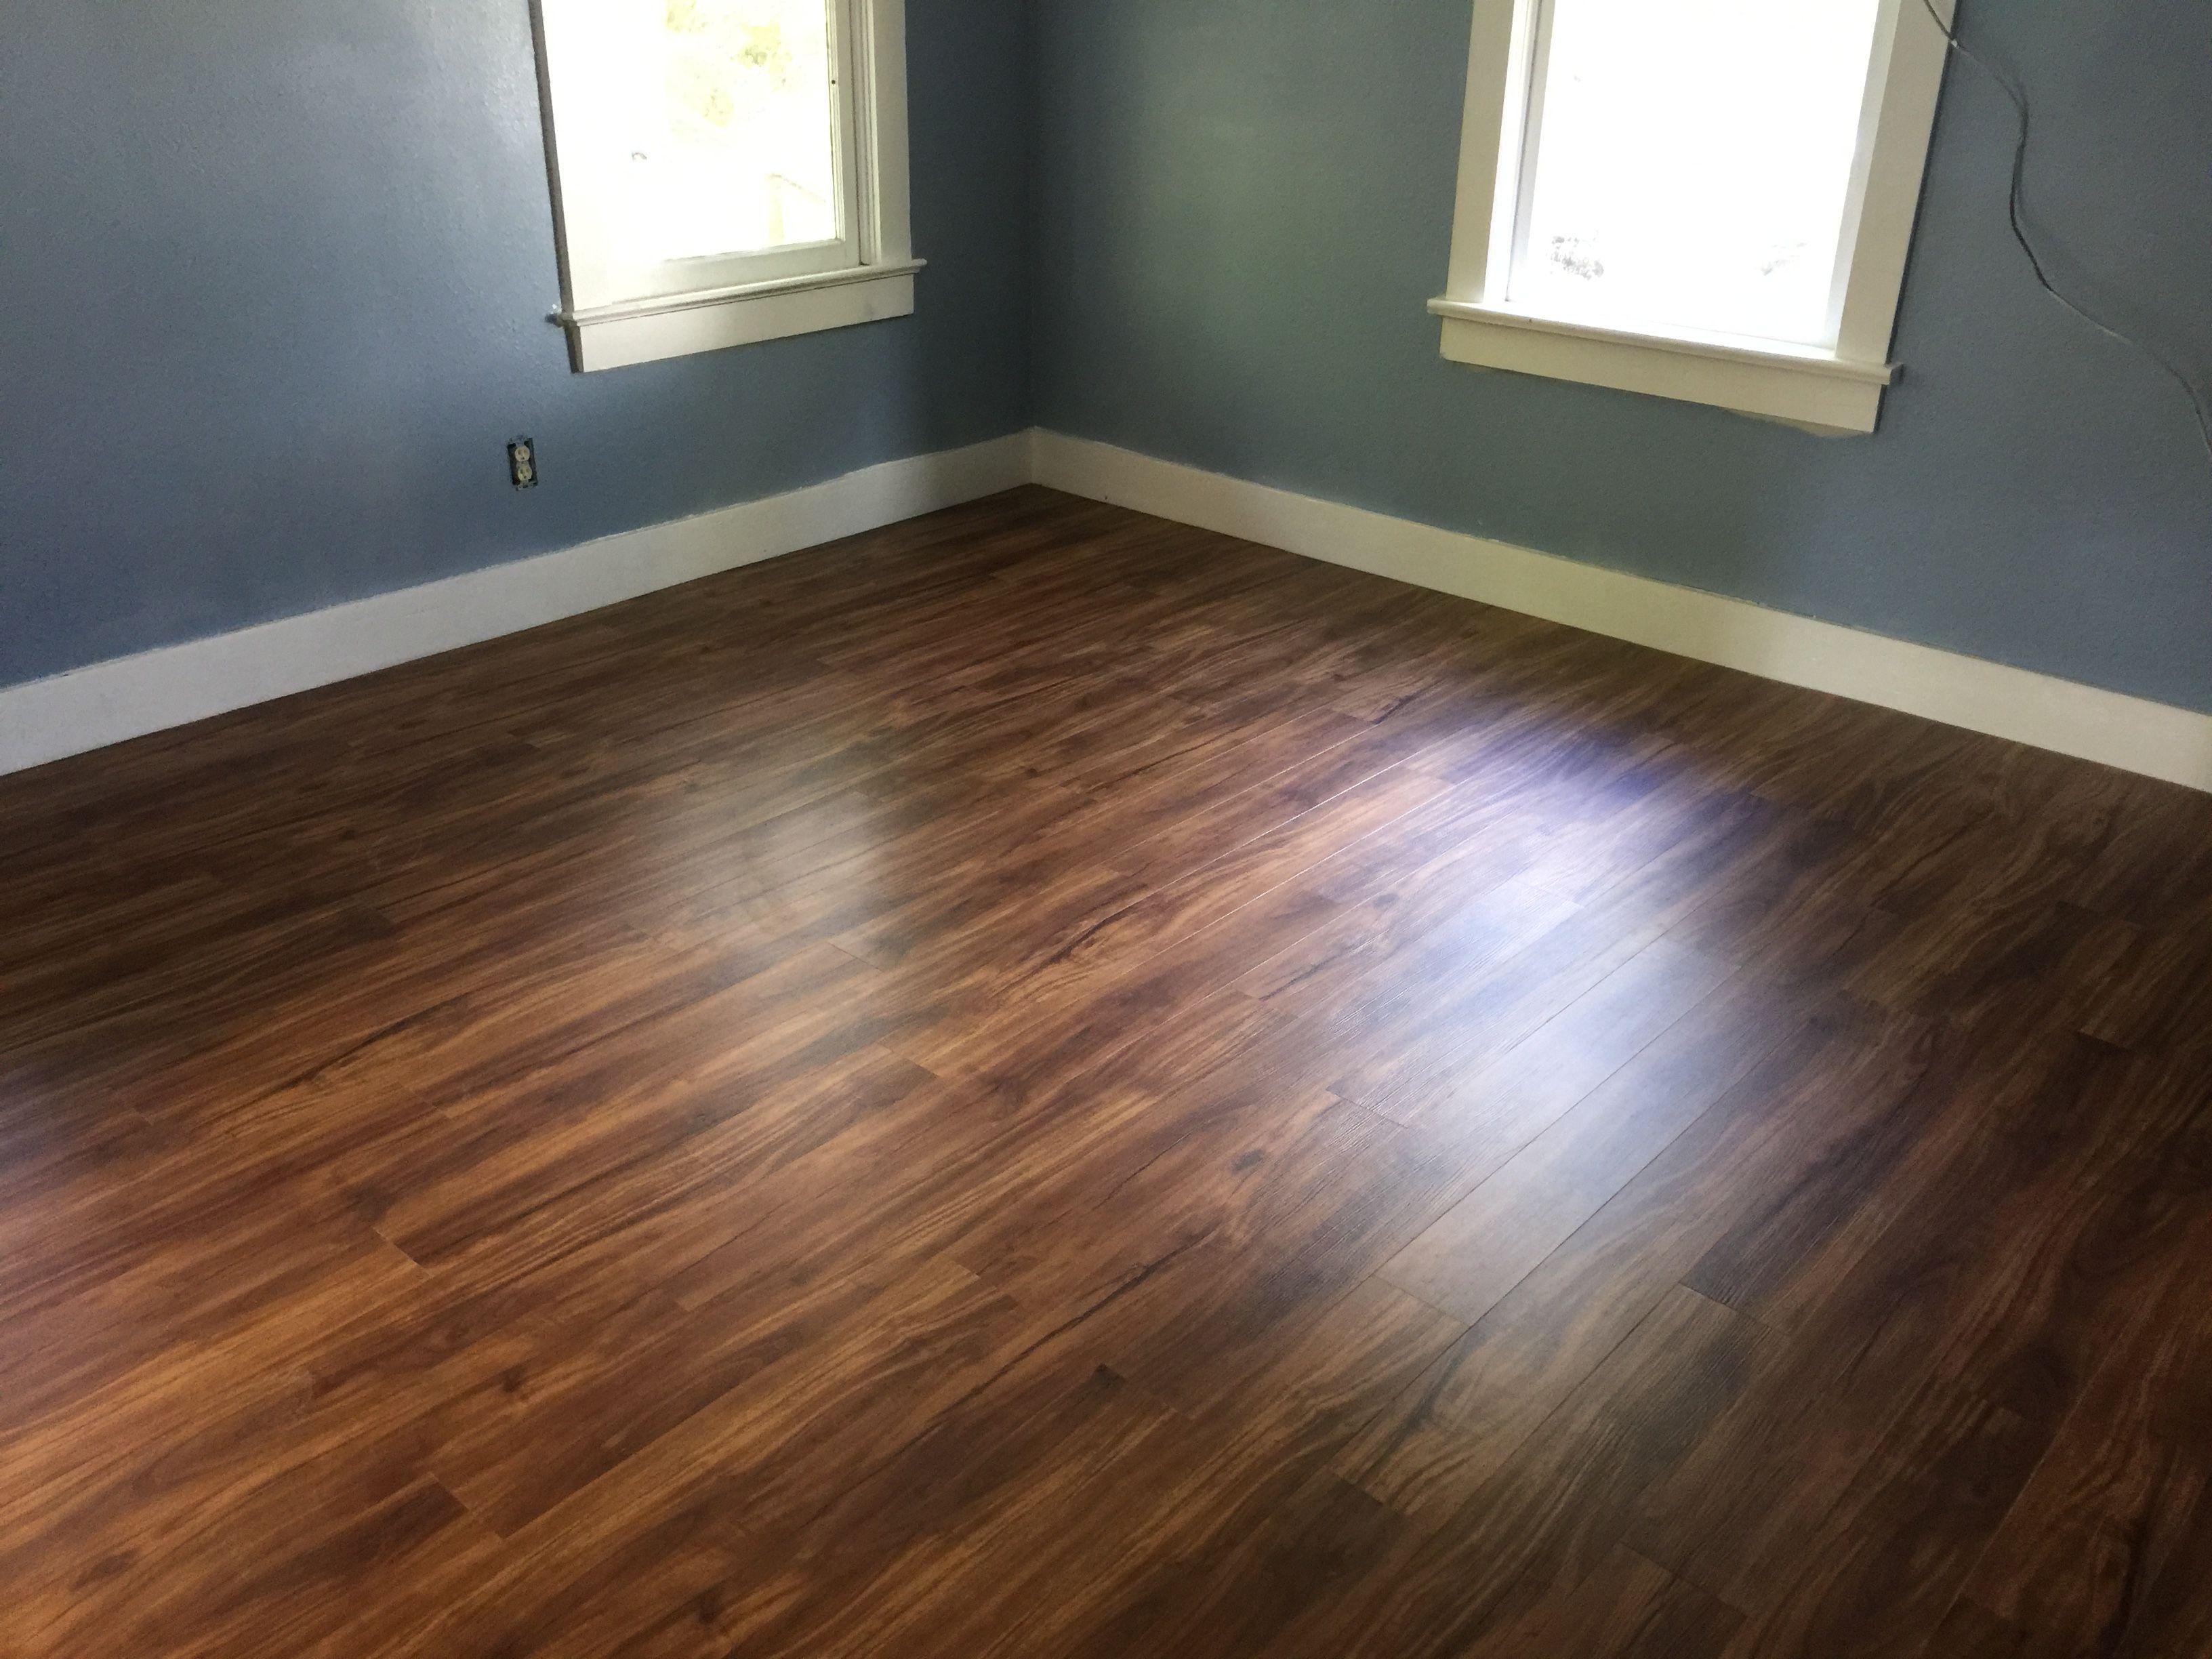 Coretec Plus Flooring In Gold Coast Acacia Home Designs